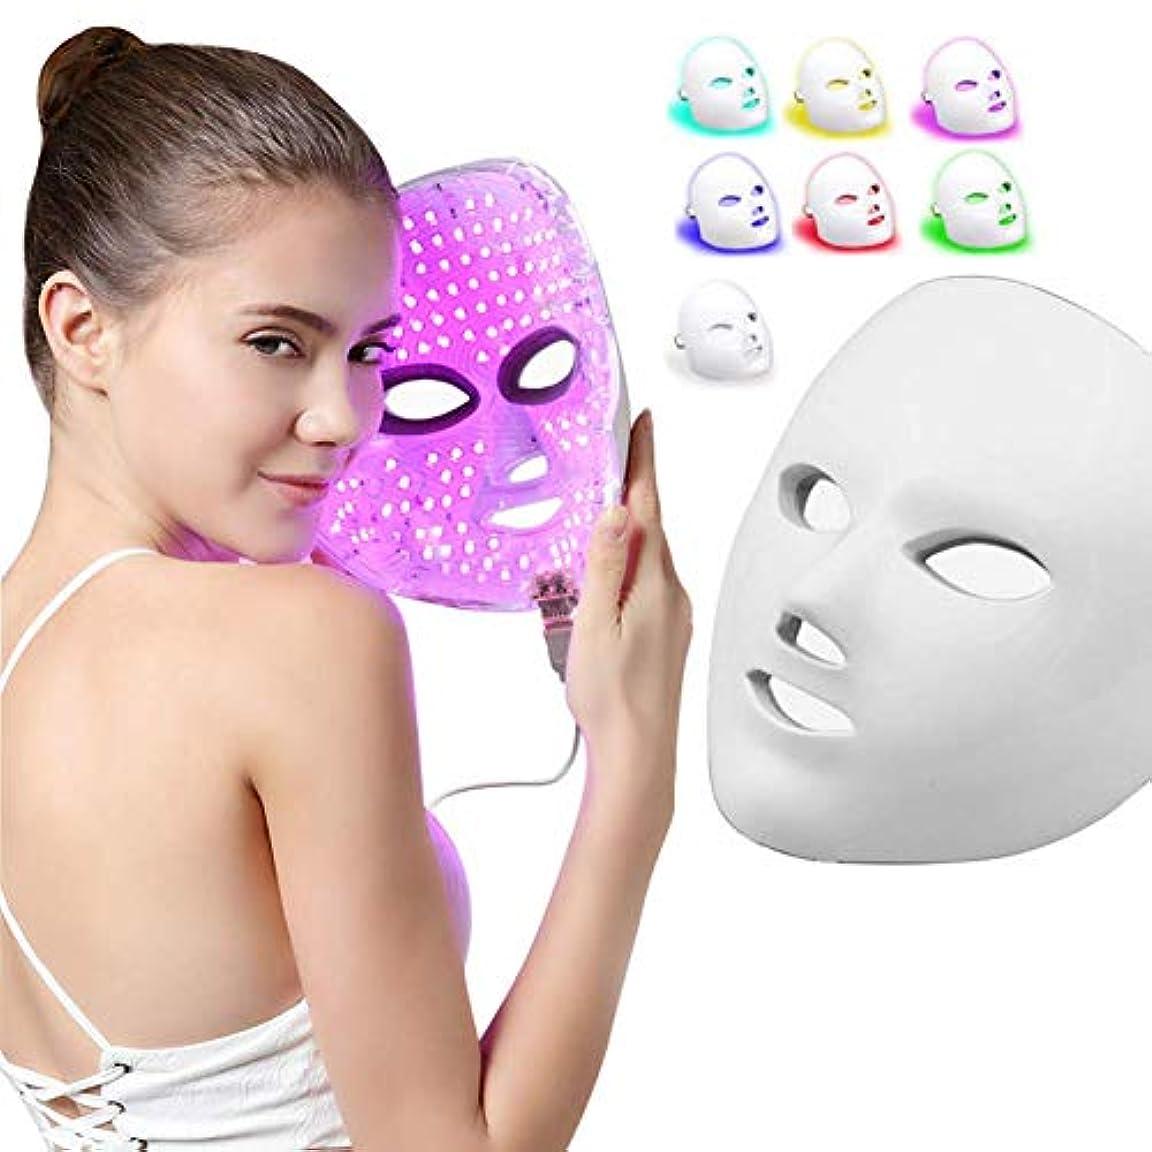 付けるディスコ豪華なライトセラピーマスク、7色フォトンフェイスマスクマシンマスクビューティープロアクティブスキンケアアンチエイジングファーミングスキン改善ファインライン